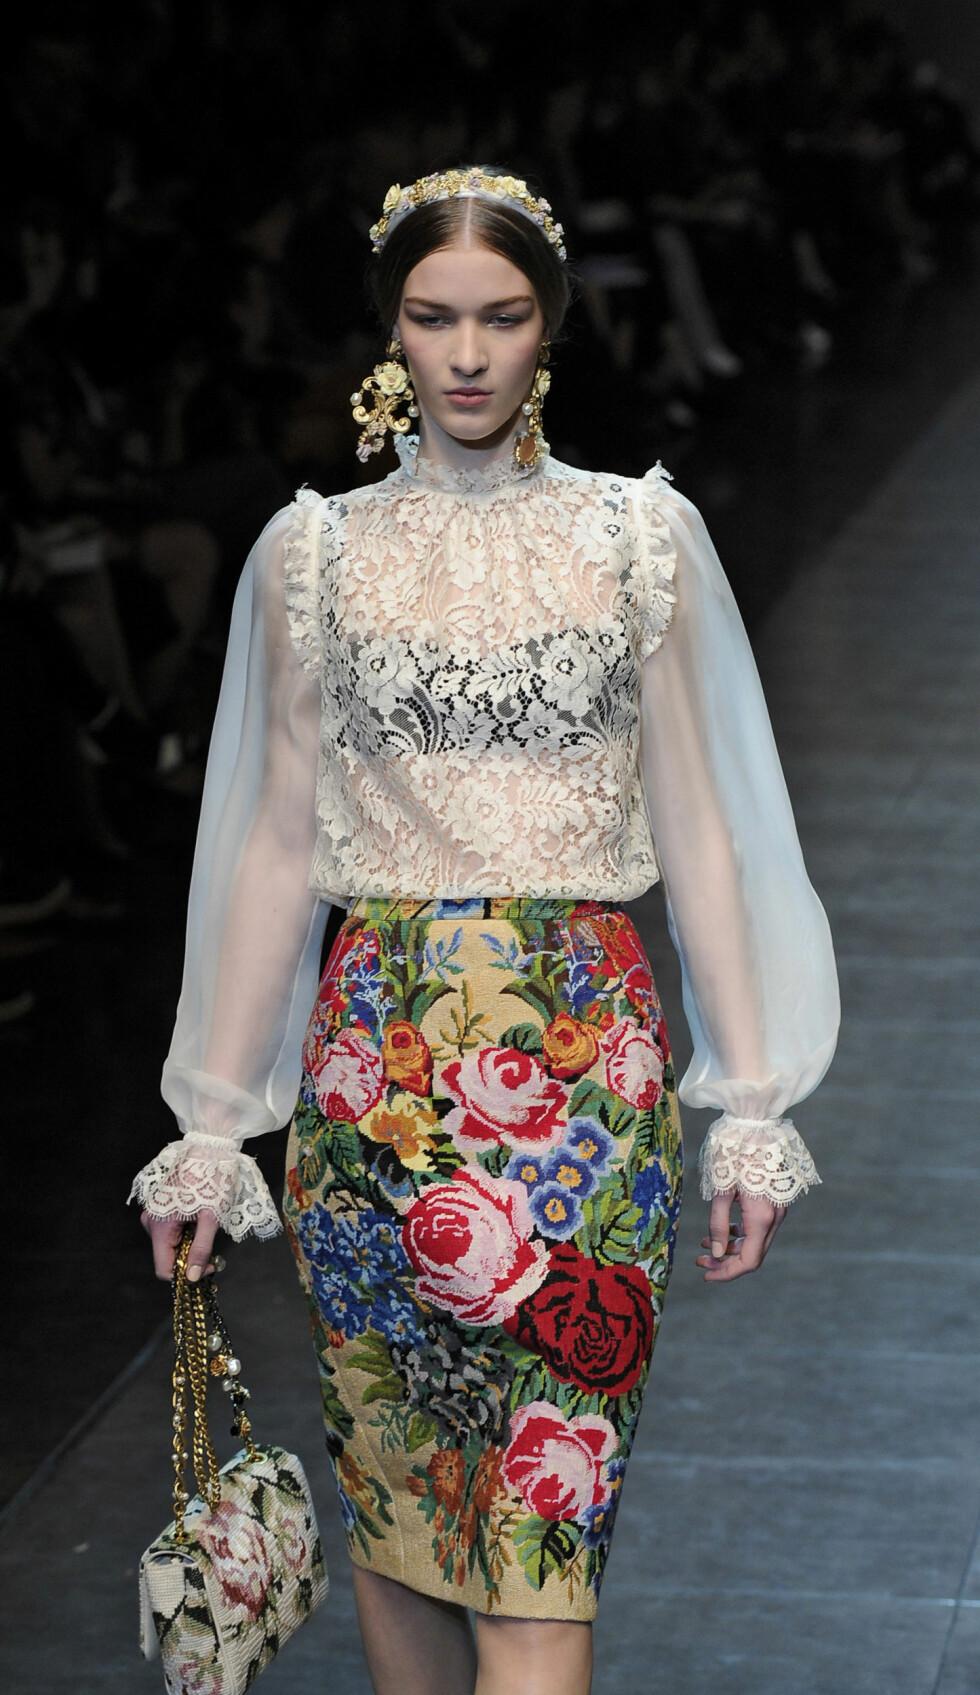 Blomstertrenden er minst like hot til høsten. Skjørt fra Dolce & Gabbana. Foto: All Over Press